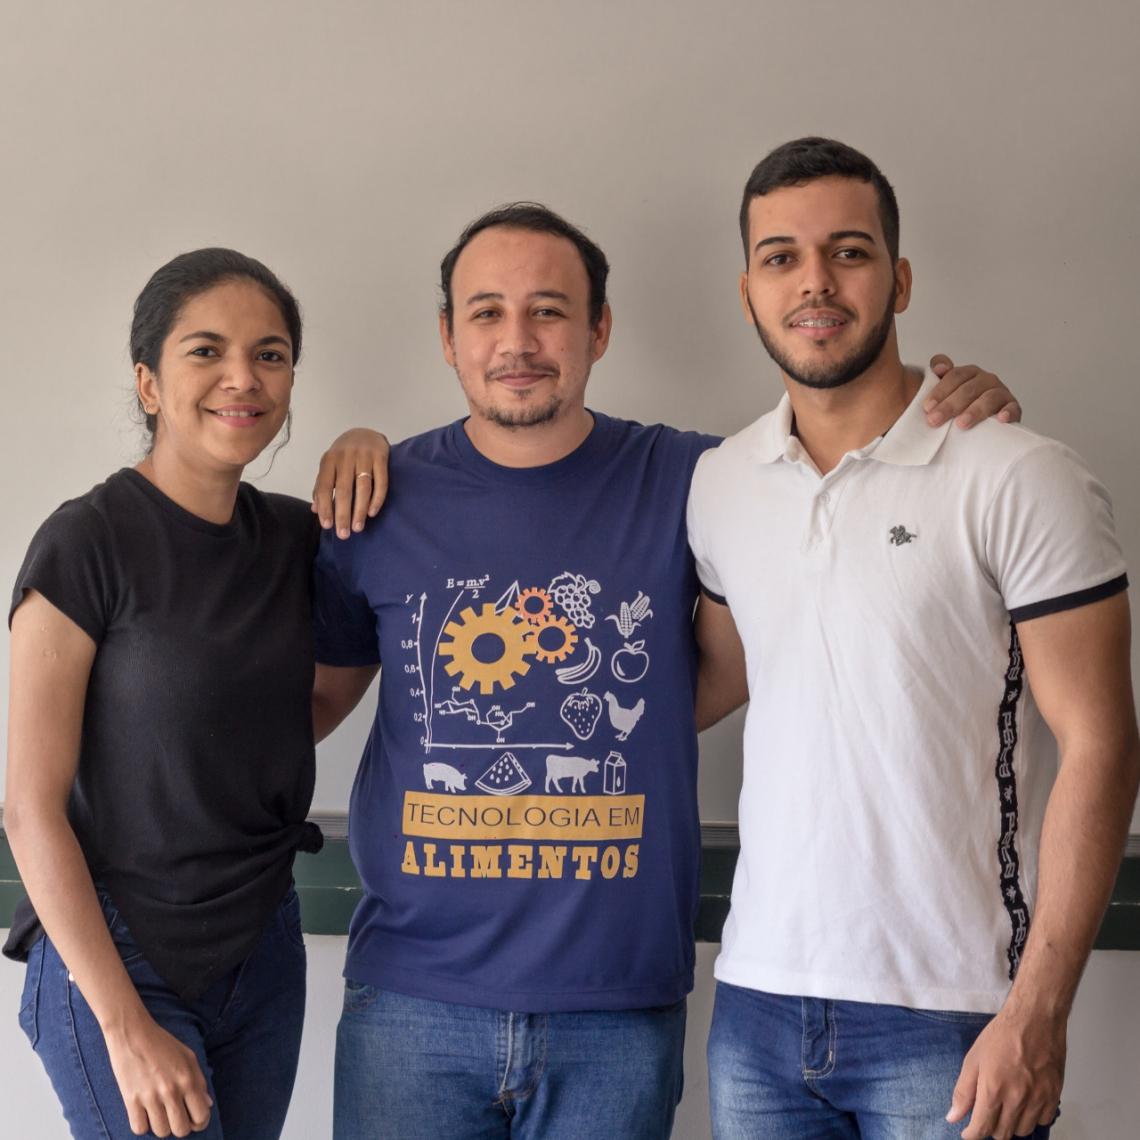 Kelvia Leal, Davidson Ferrer e Luan Figueiredo são alunos do curso superior de Tecnologia em Alimentos da Faculdade de Tecnologia Centec (Fatec) Cariri